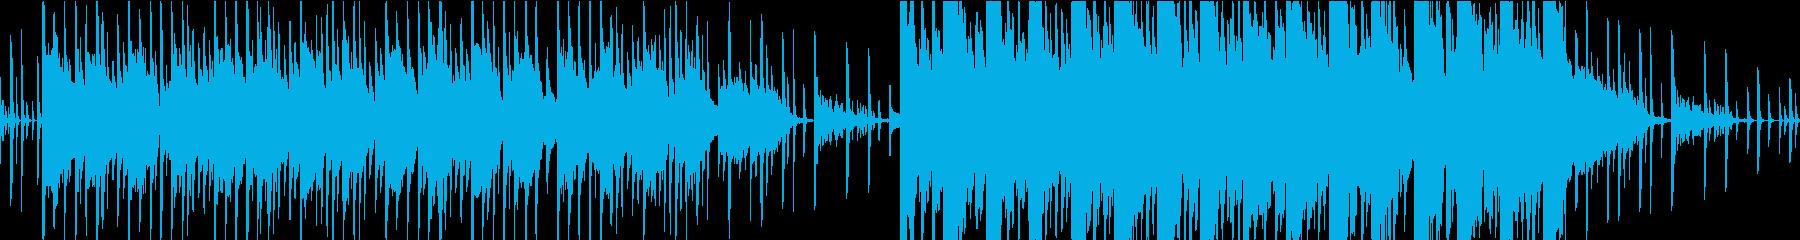 ループ可能なゆったり系エレクトロニカの再生済みの波形